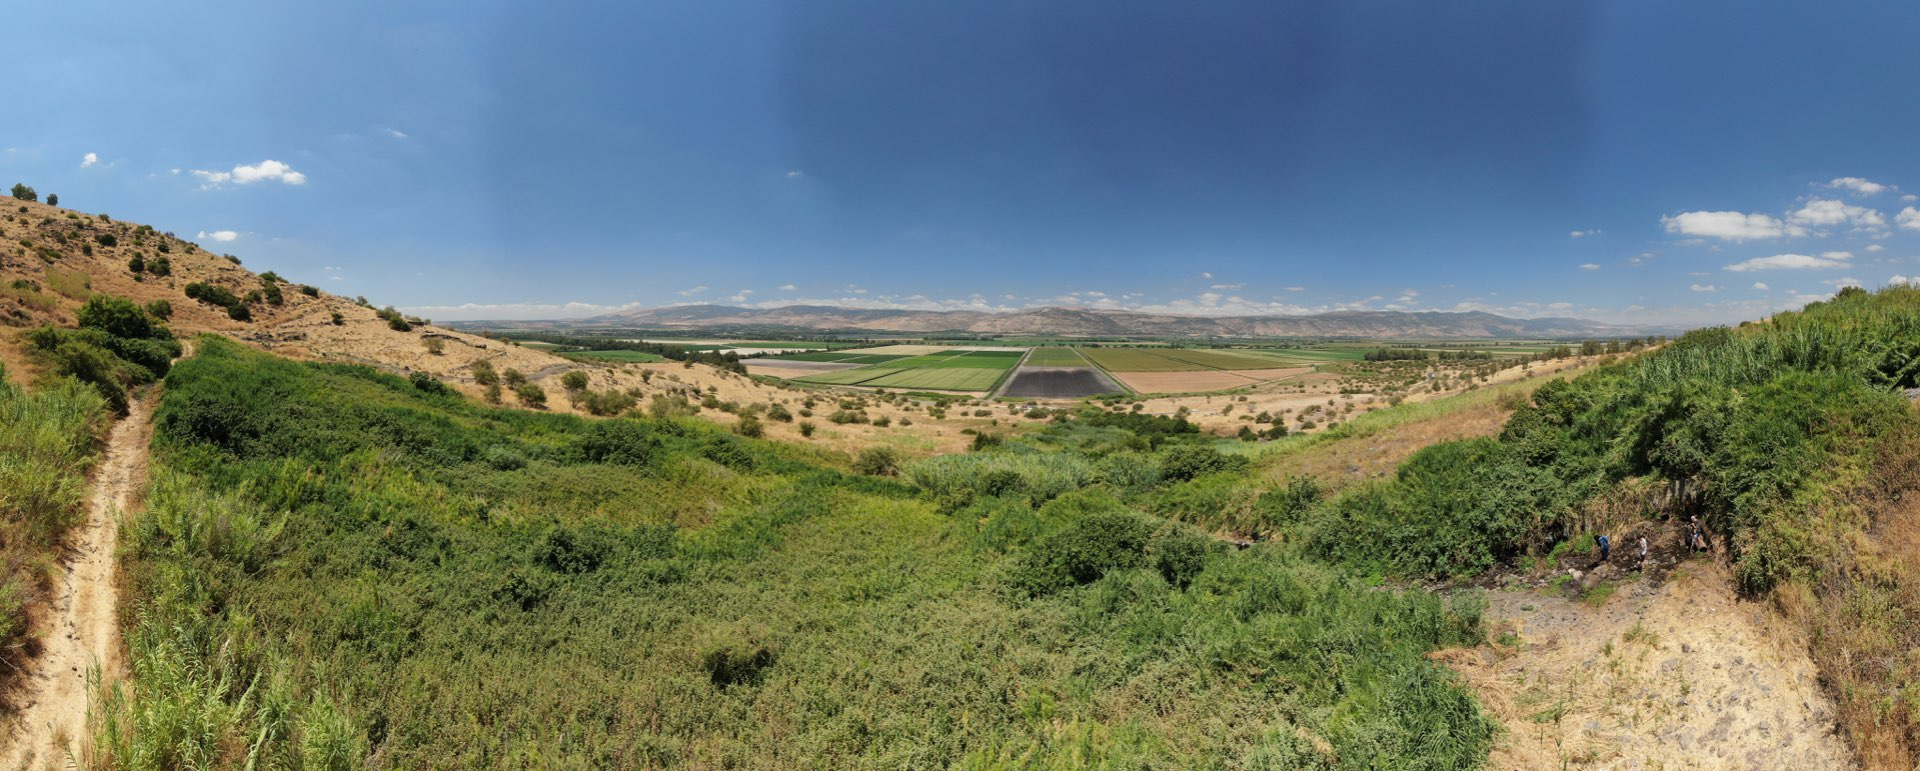 צילום נוף רחב מהאוויר של עין דבשה